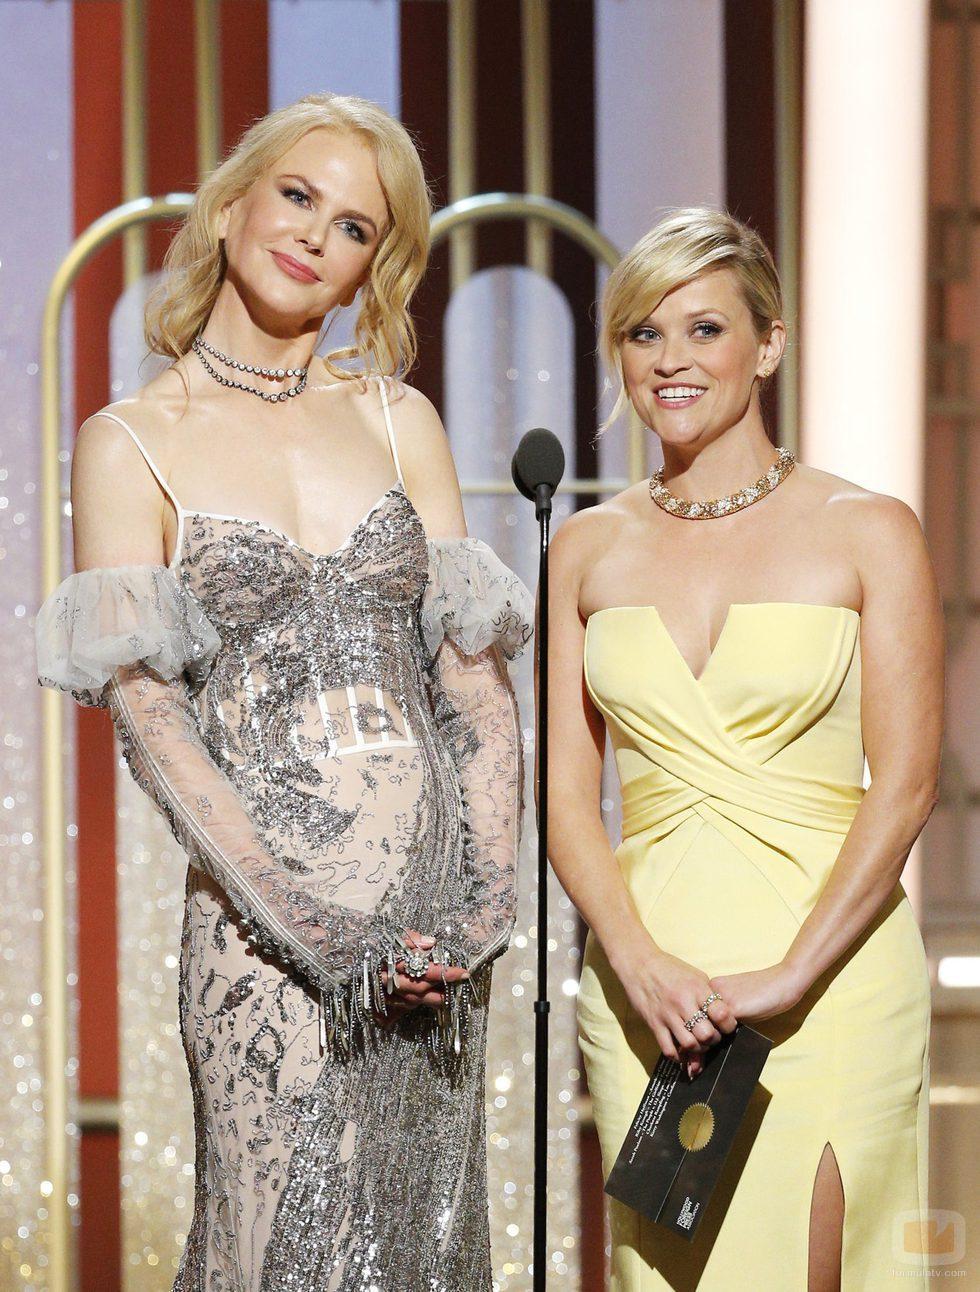 Las actrices Nicole Kidman y Reese Witherspoon de 'Big Little Lies' en la gala de los Globos de Oro 2017